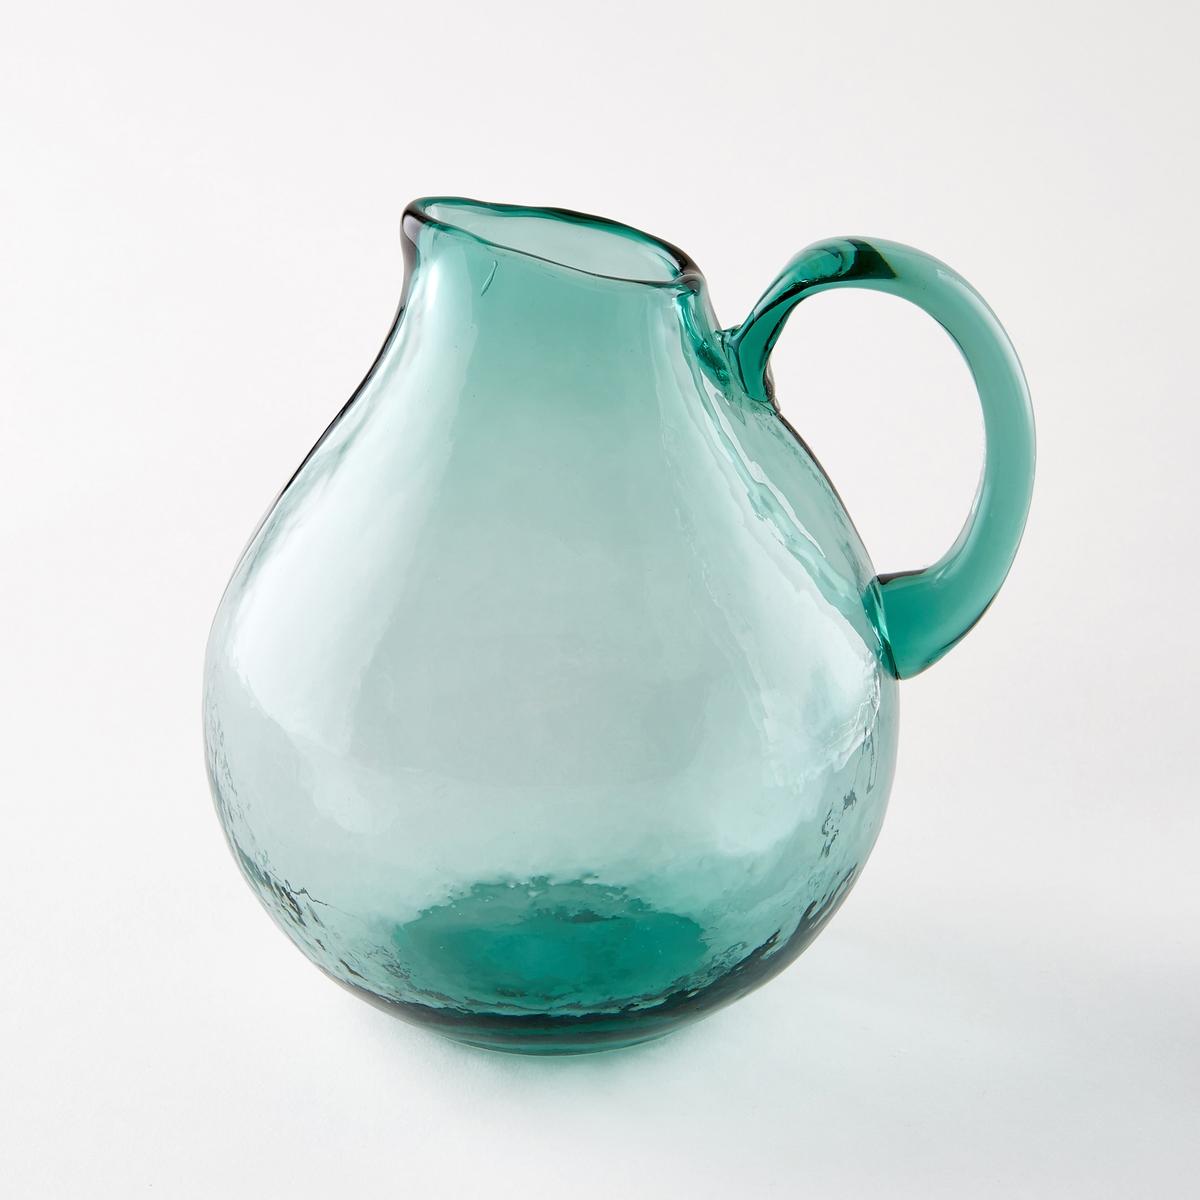 Графин из дутого стекла GalindoГрафин Galindo. Из дутого стекла. Каждое изделие уникально . Подходит для мытья в посудомоечной машине. Размеры  : диаметр 15 x высота 18 см. Объем 1,5 л.<br><br>Цвет: бирюзовый<br>Размер: единый размер